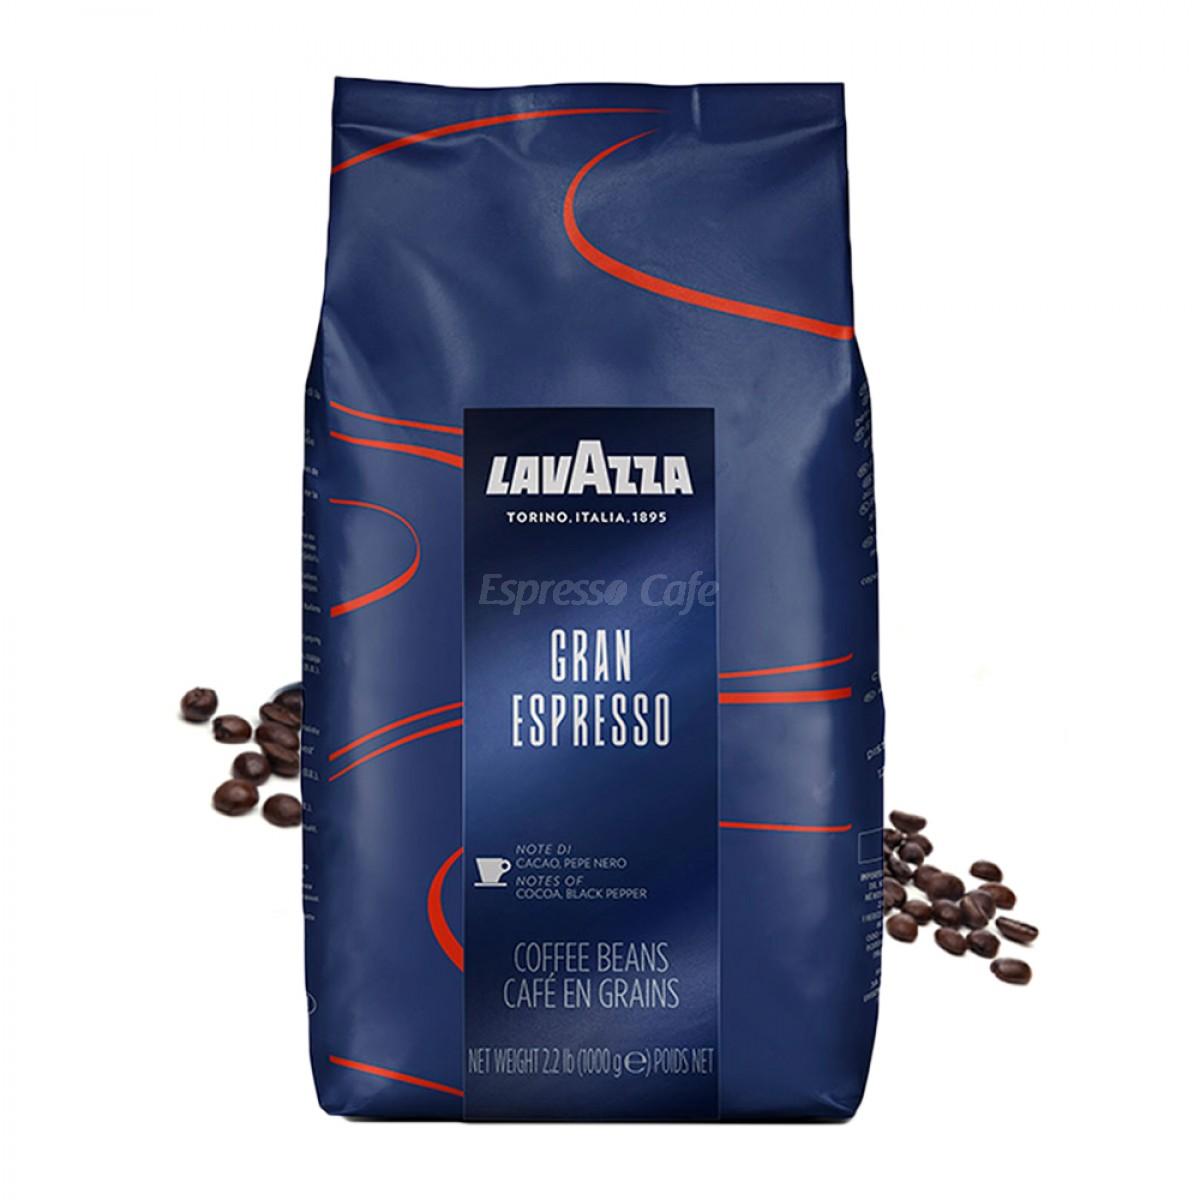 Lavazza Gran Espresso cafea boabe 1 kg